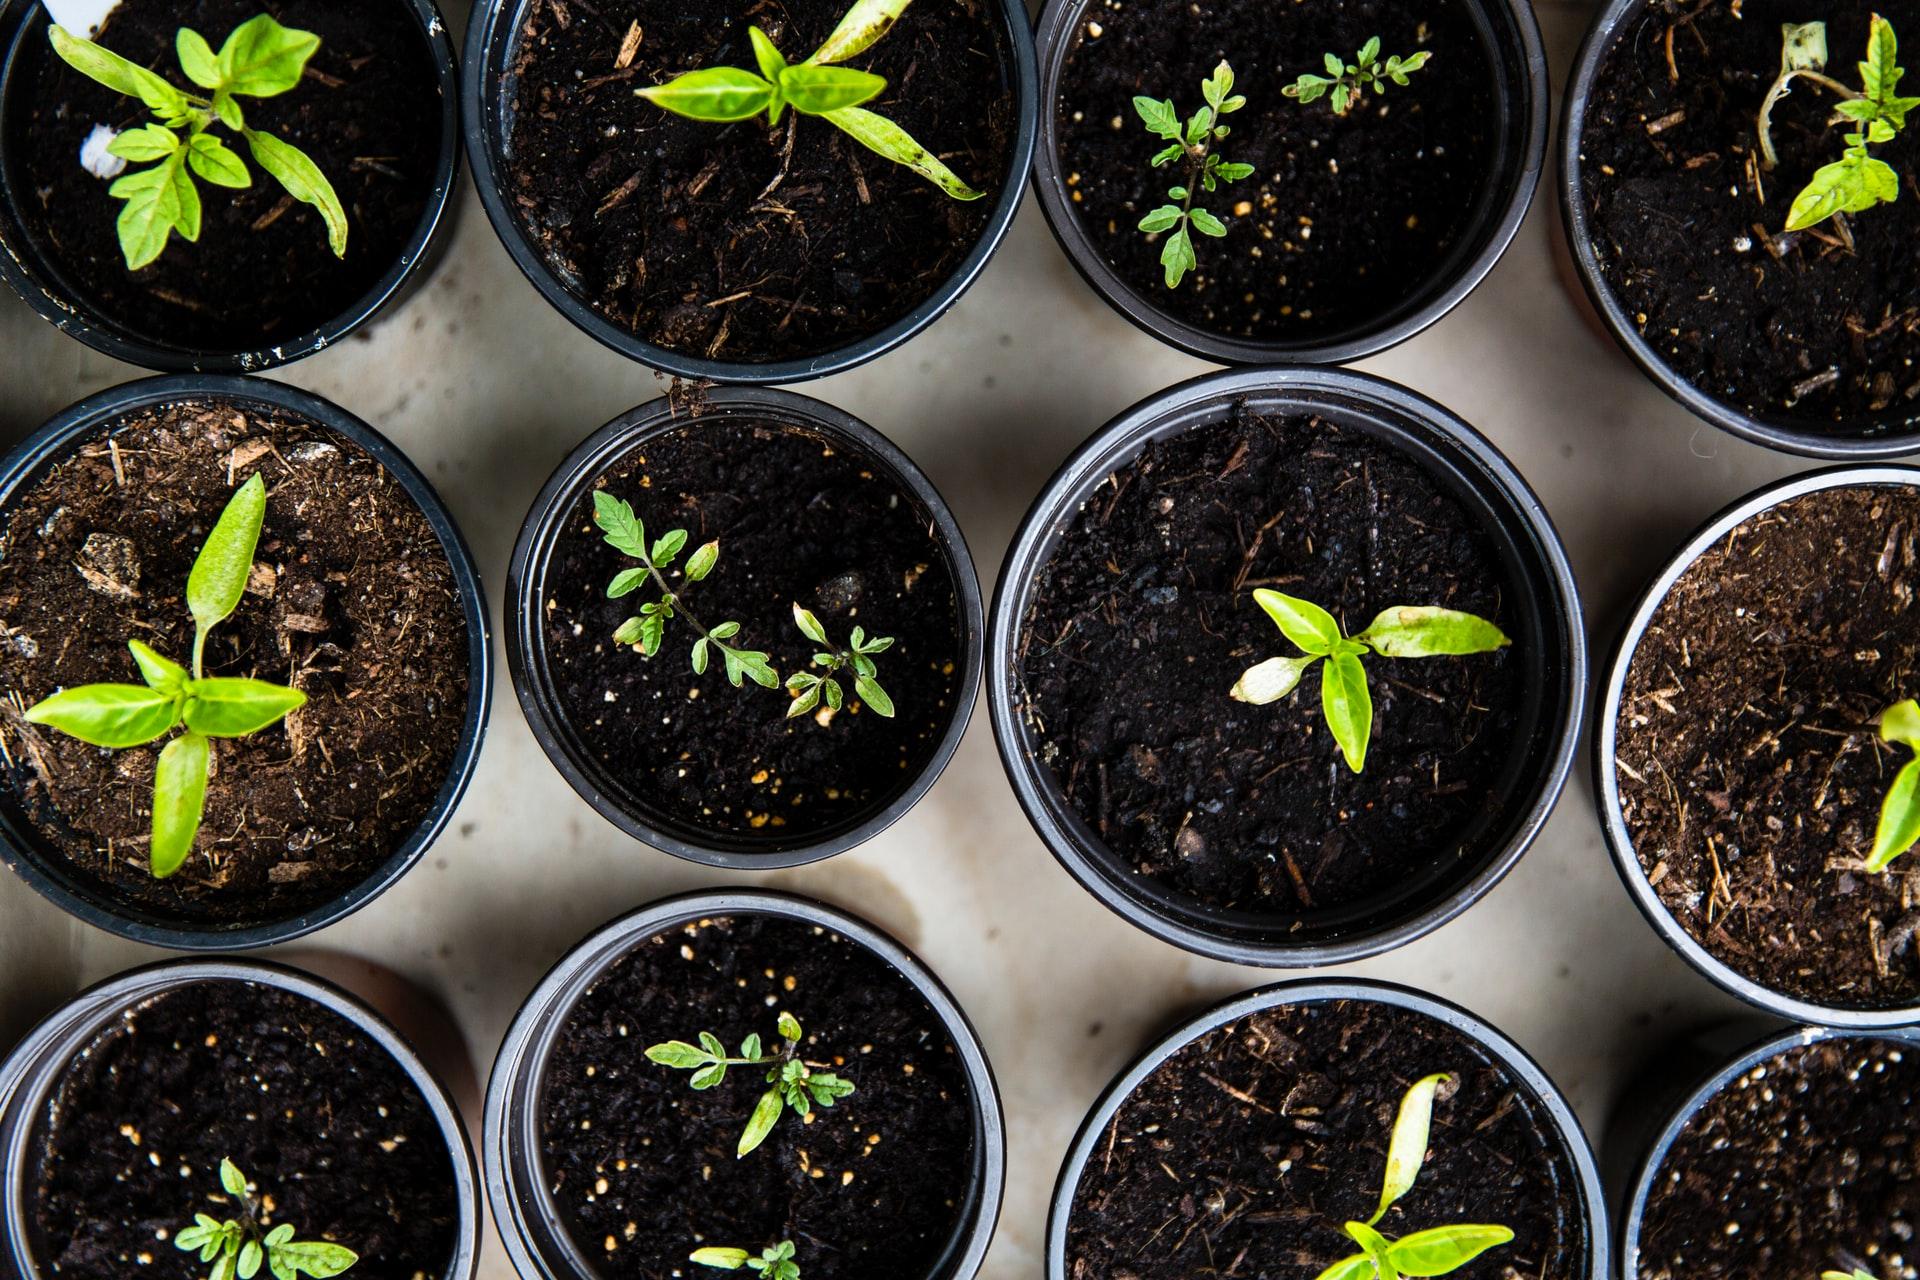 Met vruchtbare grond, liefdevolle aandacht en tijd komt een zaadje tot bloei.